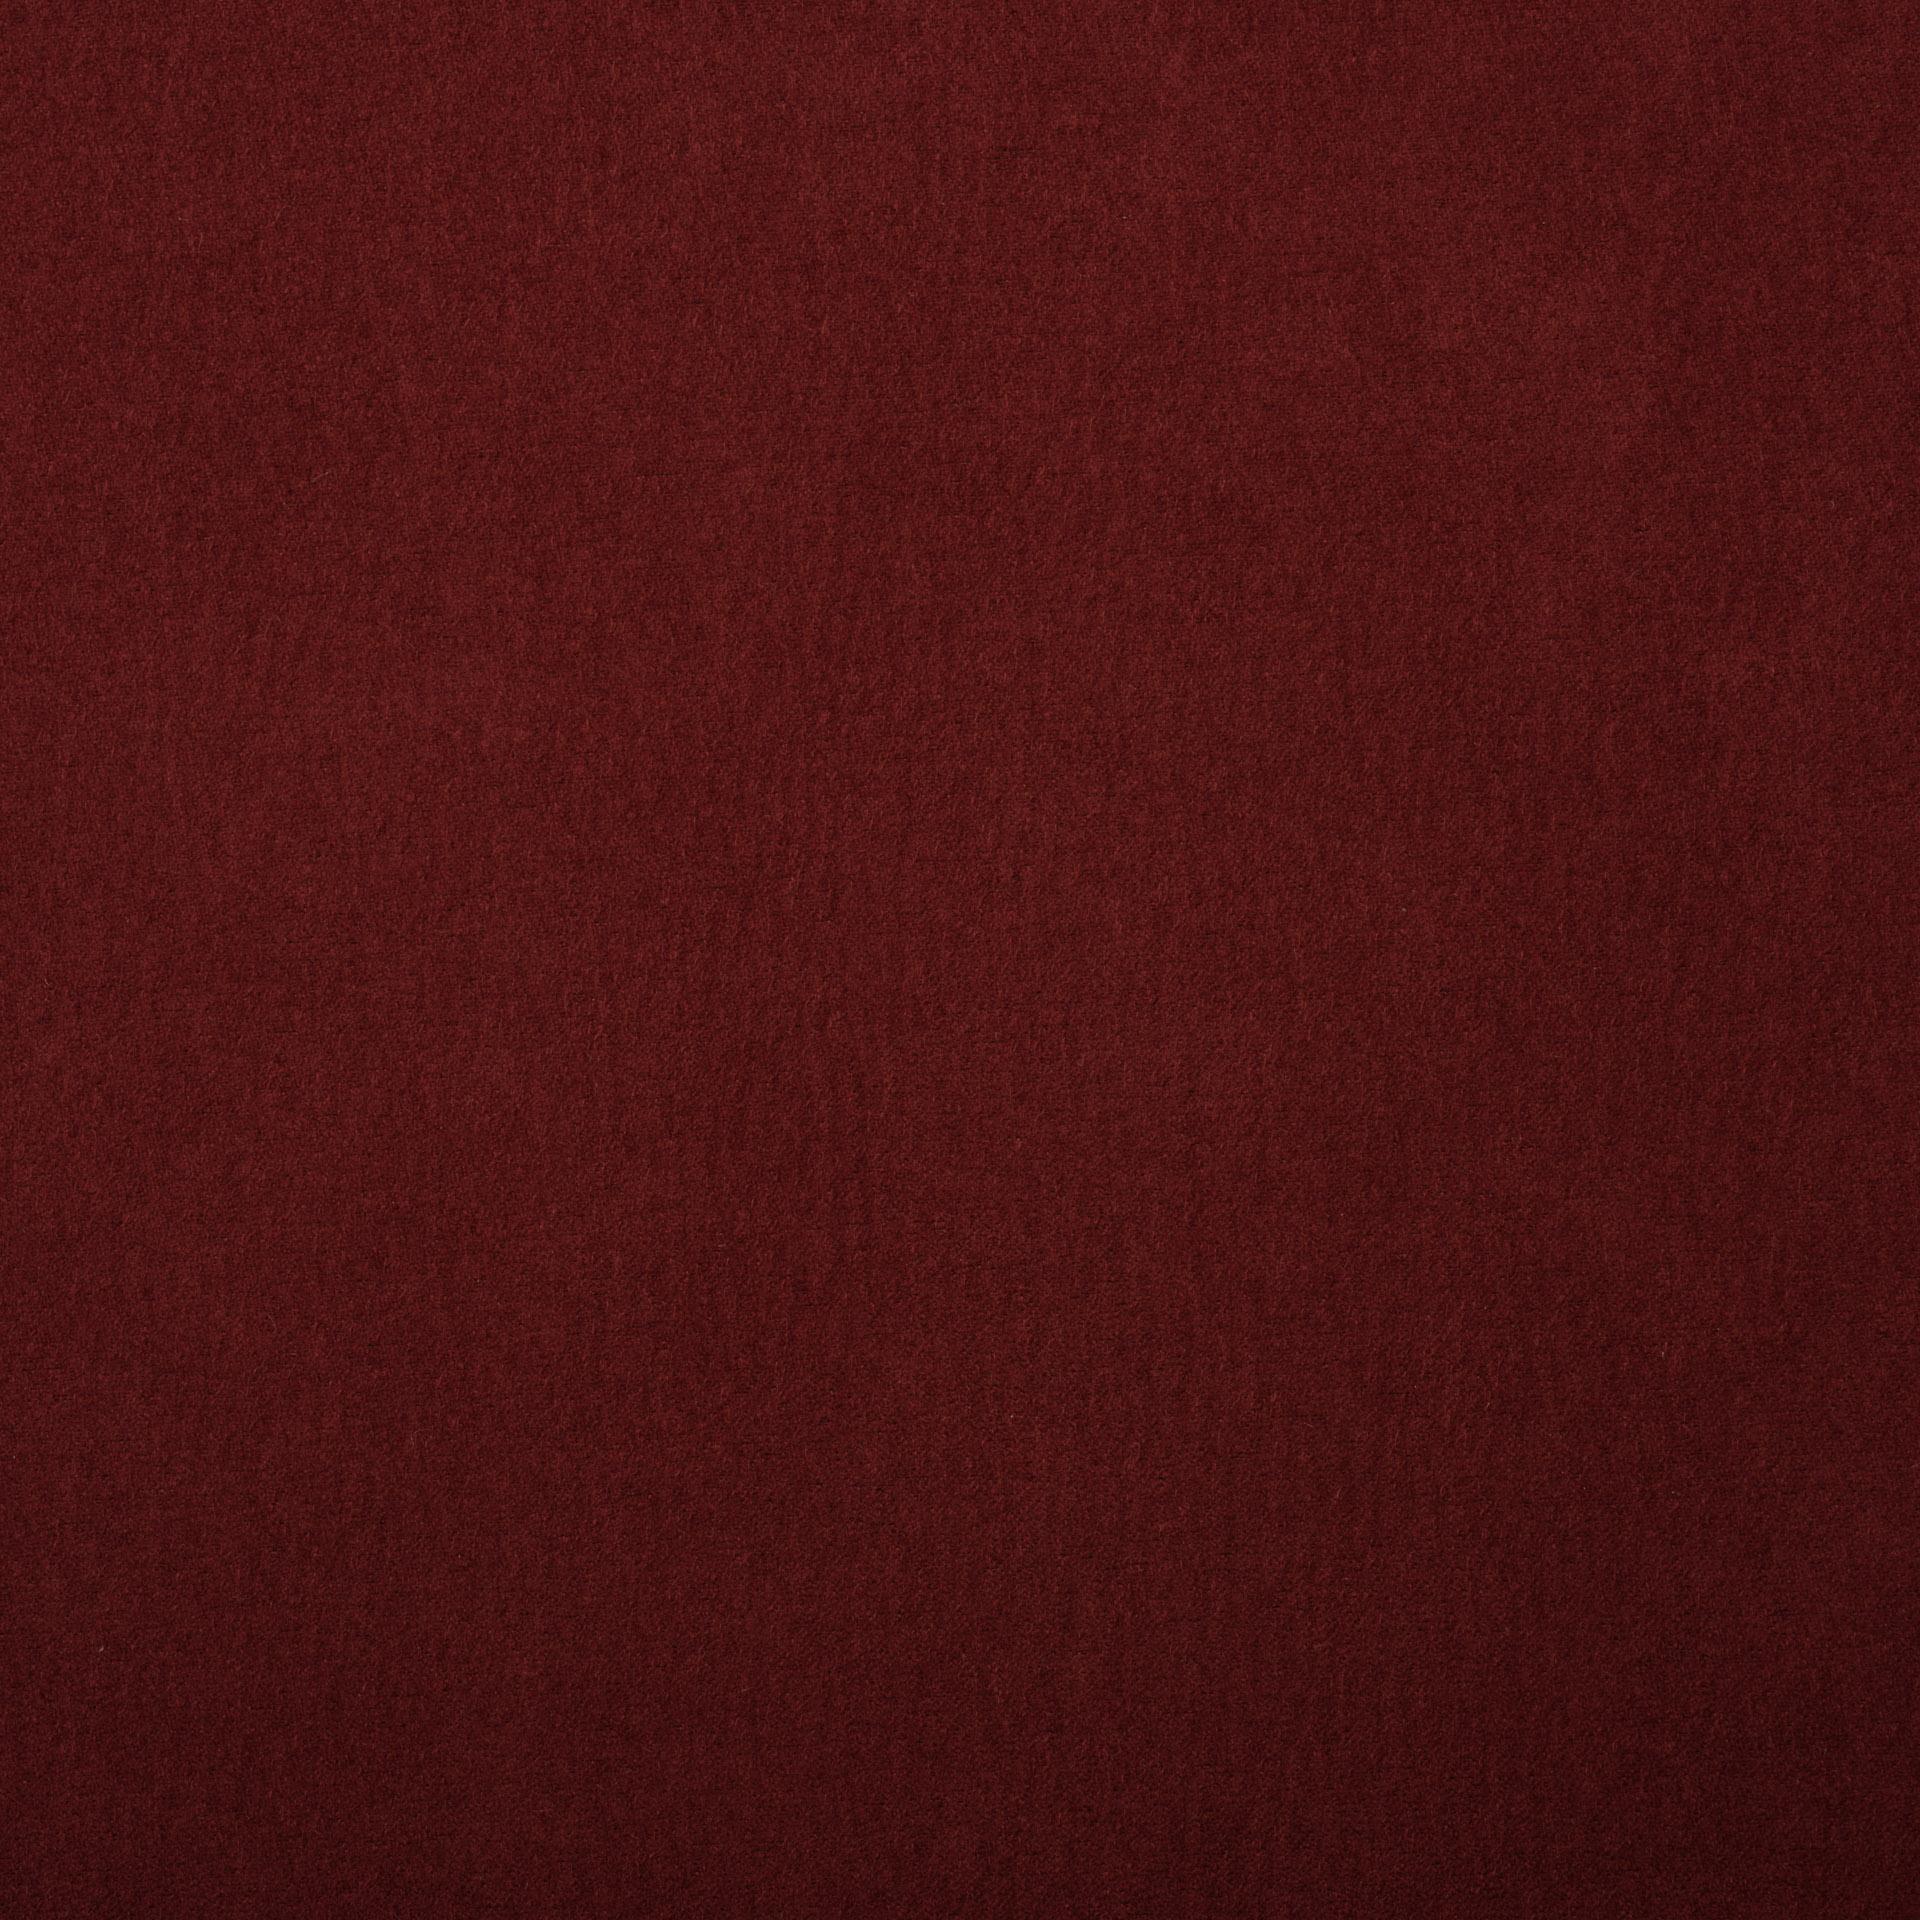 Коллекция ткани Нубук 09 LIZARD,  купить ткань Велюр для мебели Украина